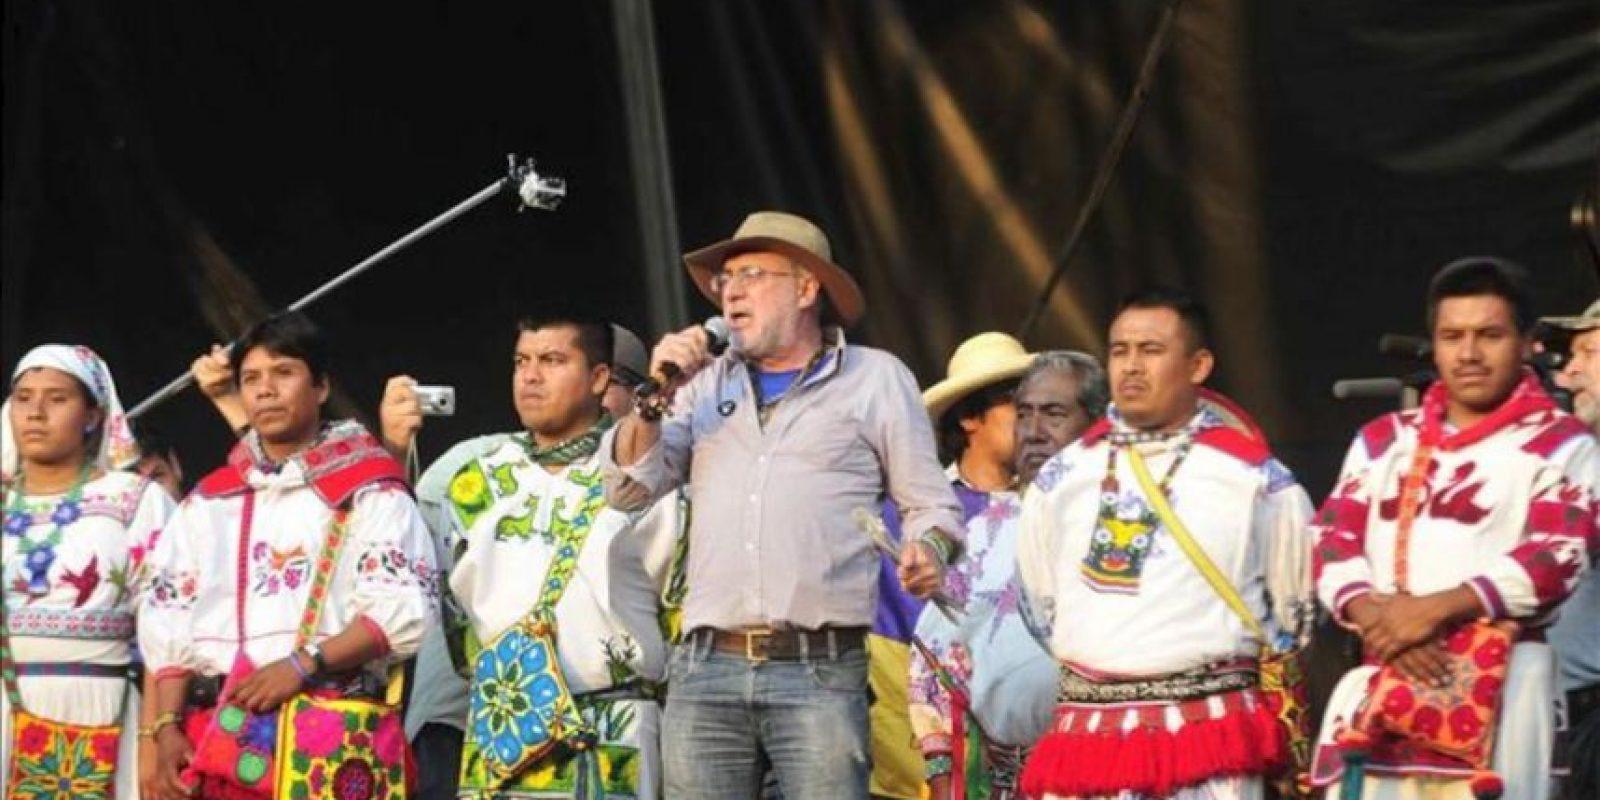 El poeta Javier Sicilia (c) participa hoy en el Wirikuta Fest en Ciudad de México, un concierto benéfico en Defensa de la no explotación de minas en las zonas sagradas de Wirikuta en el estado mexicano de San Luis Potosí. EFE